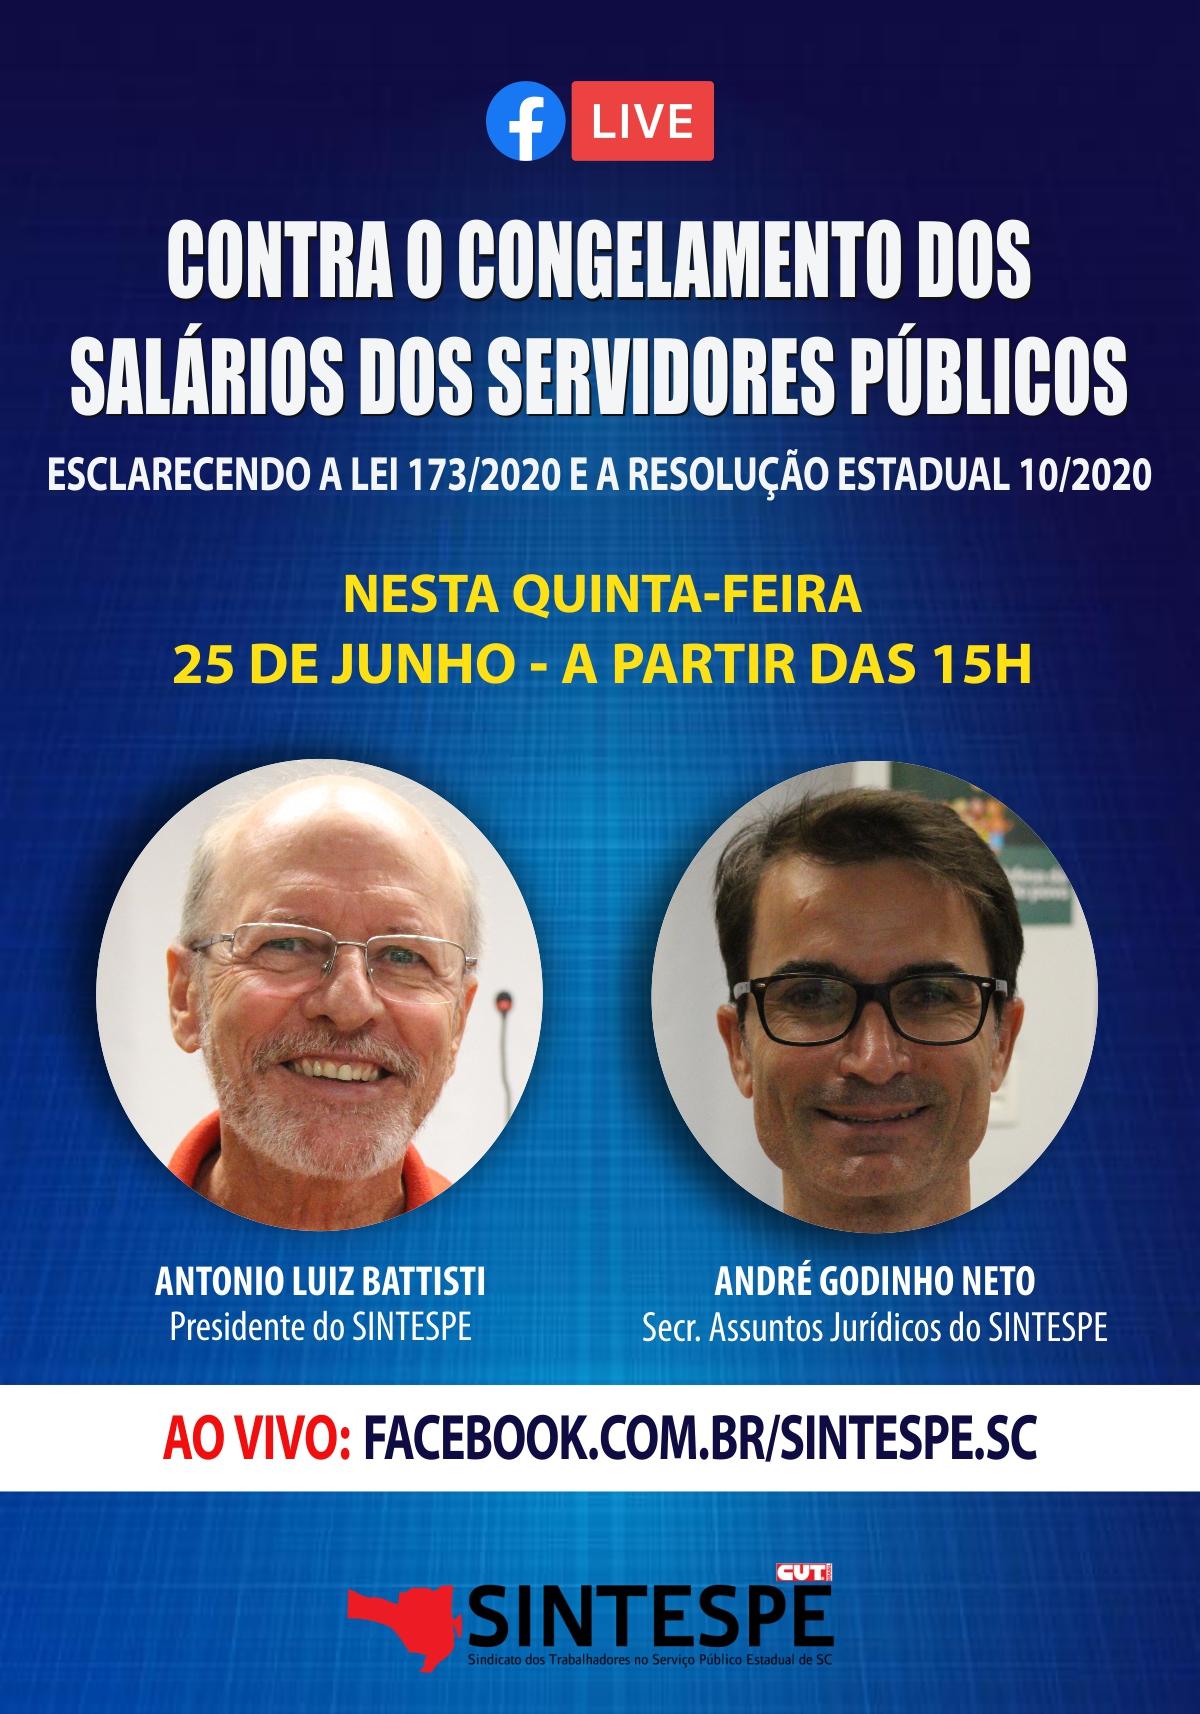 CONTRA O CONGELAMENTO DOS SALÁRIOS DOS SERVIDORES PÚBLICOS